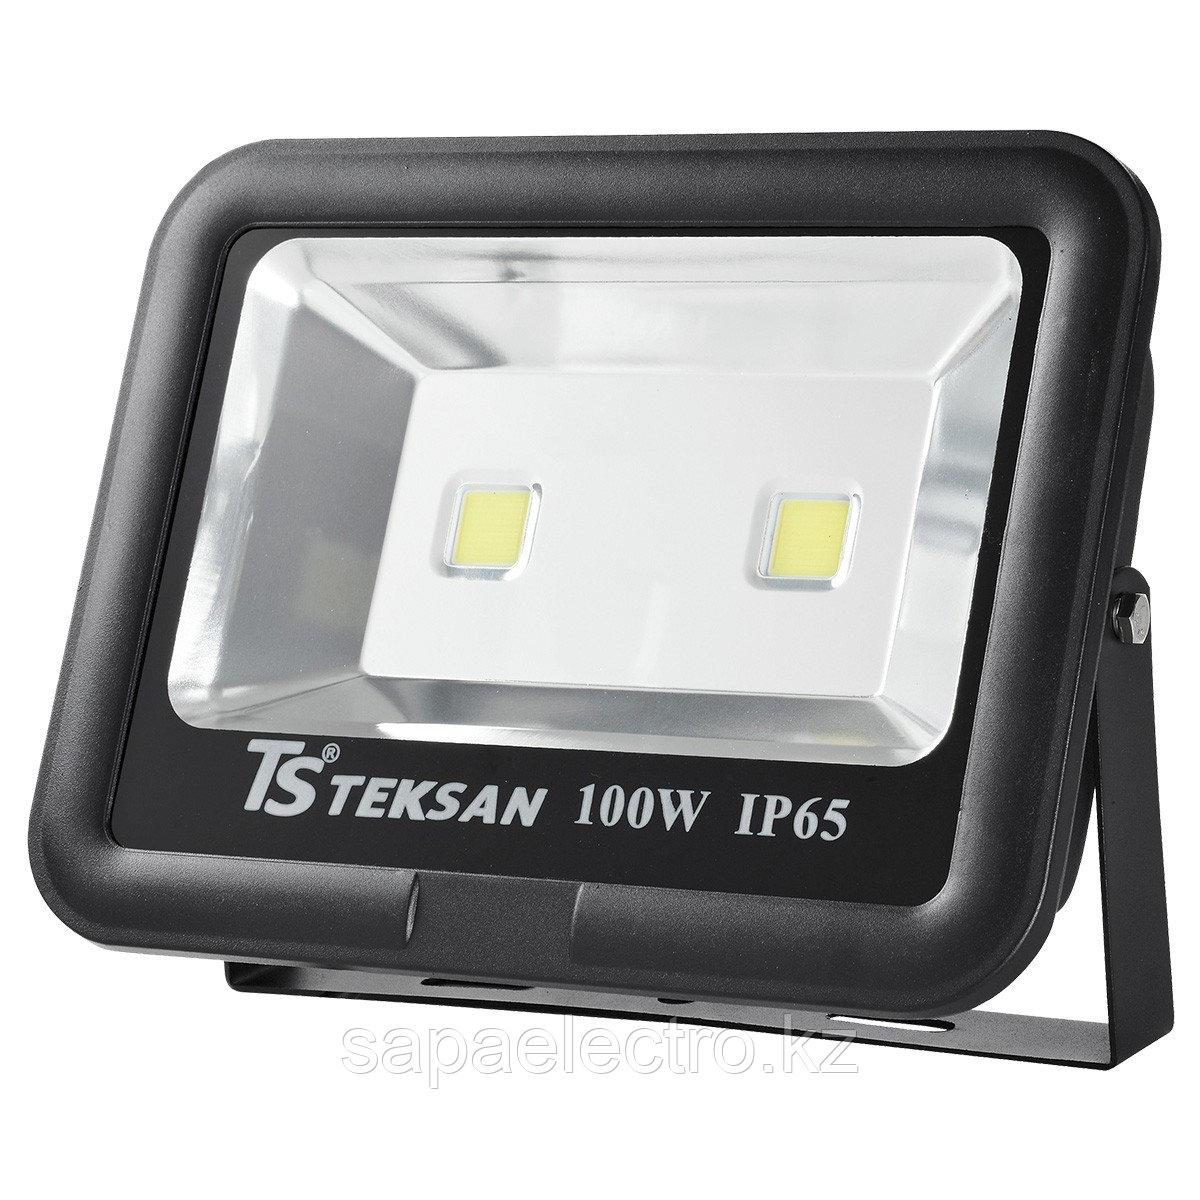 Прожектор LED TY005 100W 6000K (TS)1шт